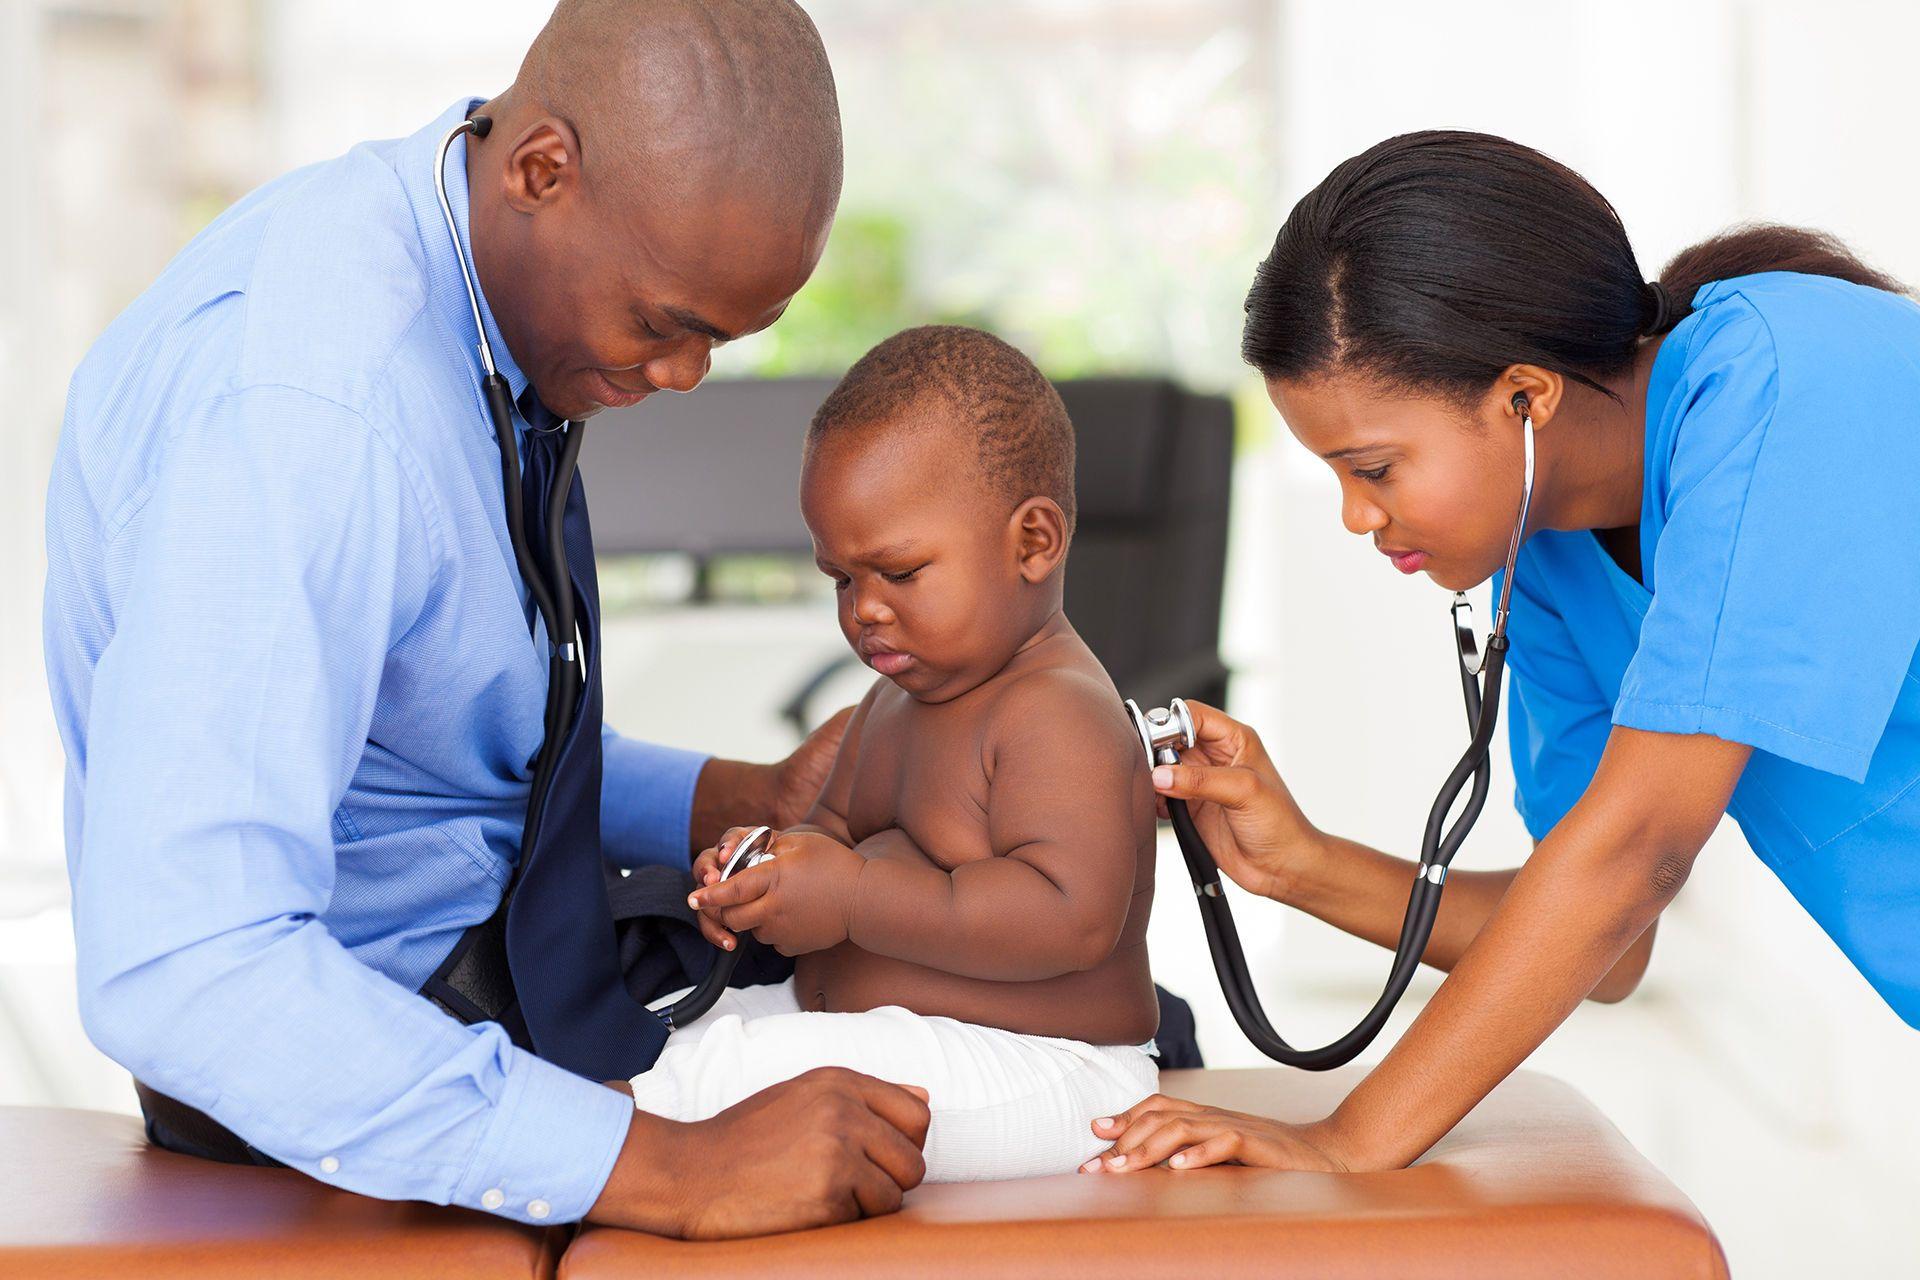 An apology to parents medical assistant job description